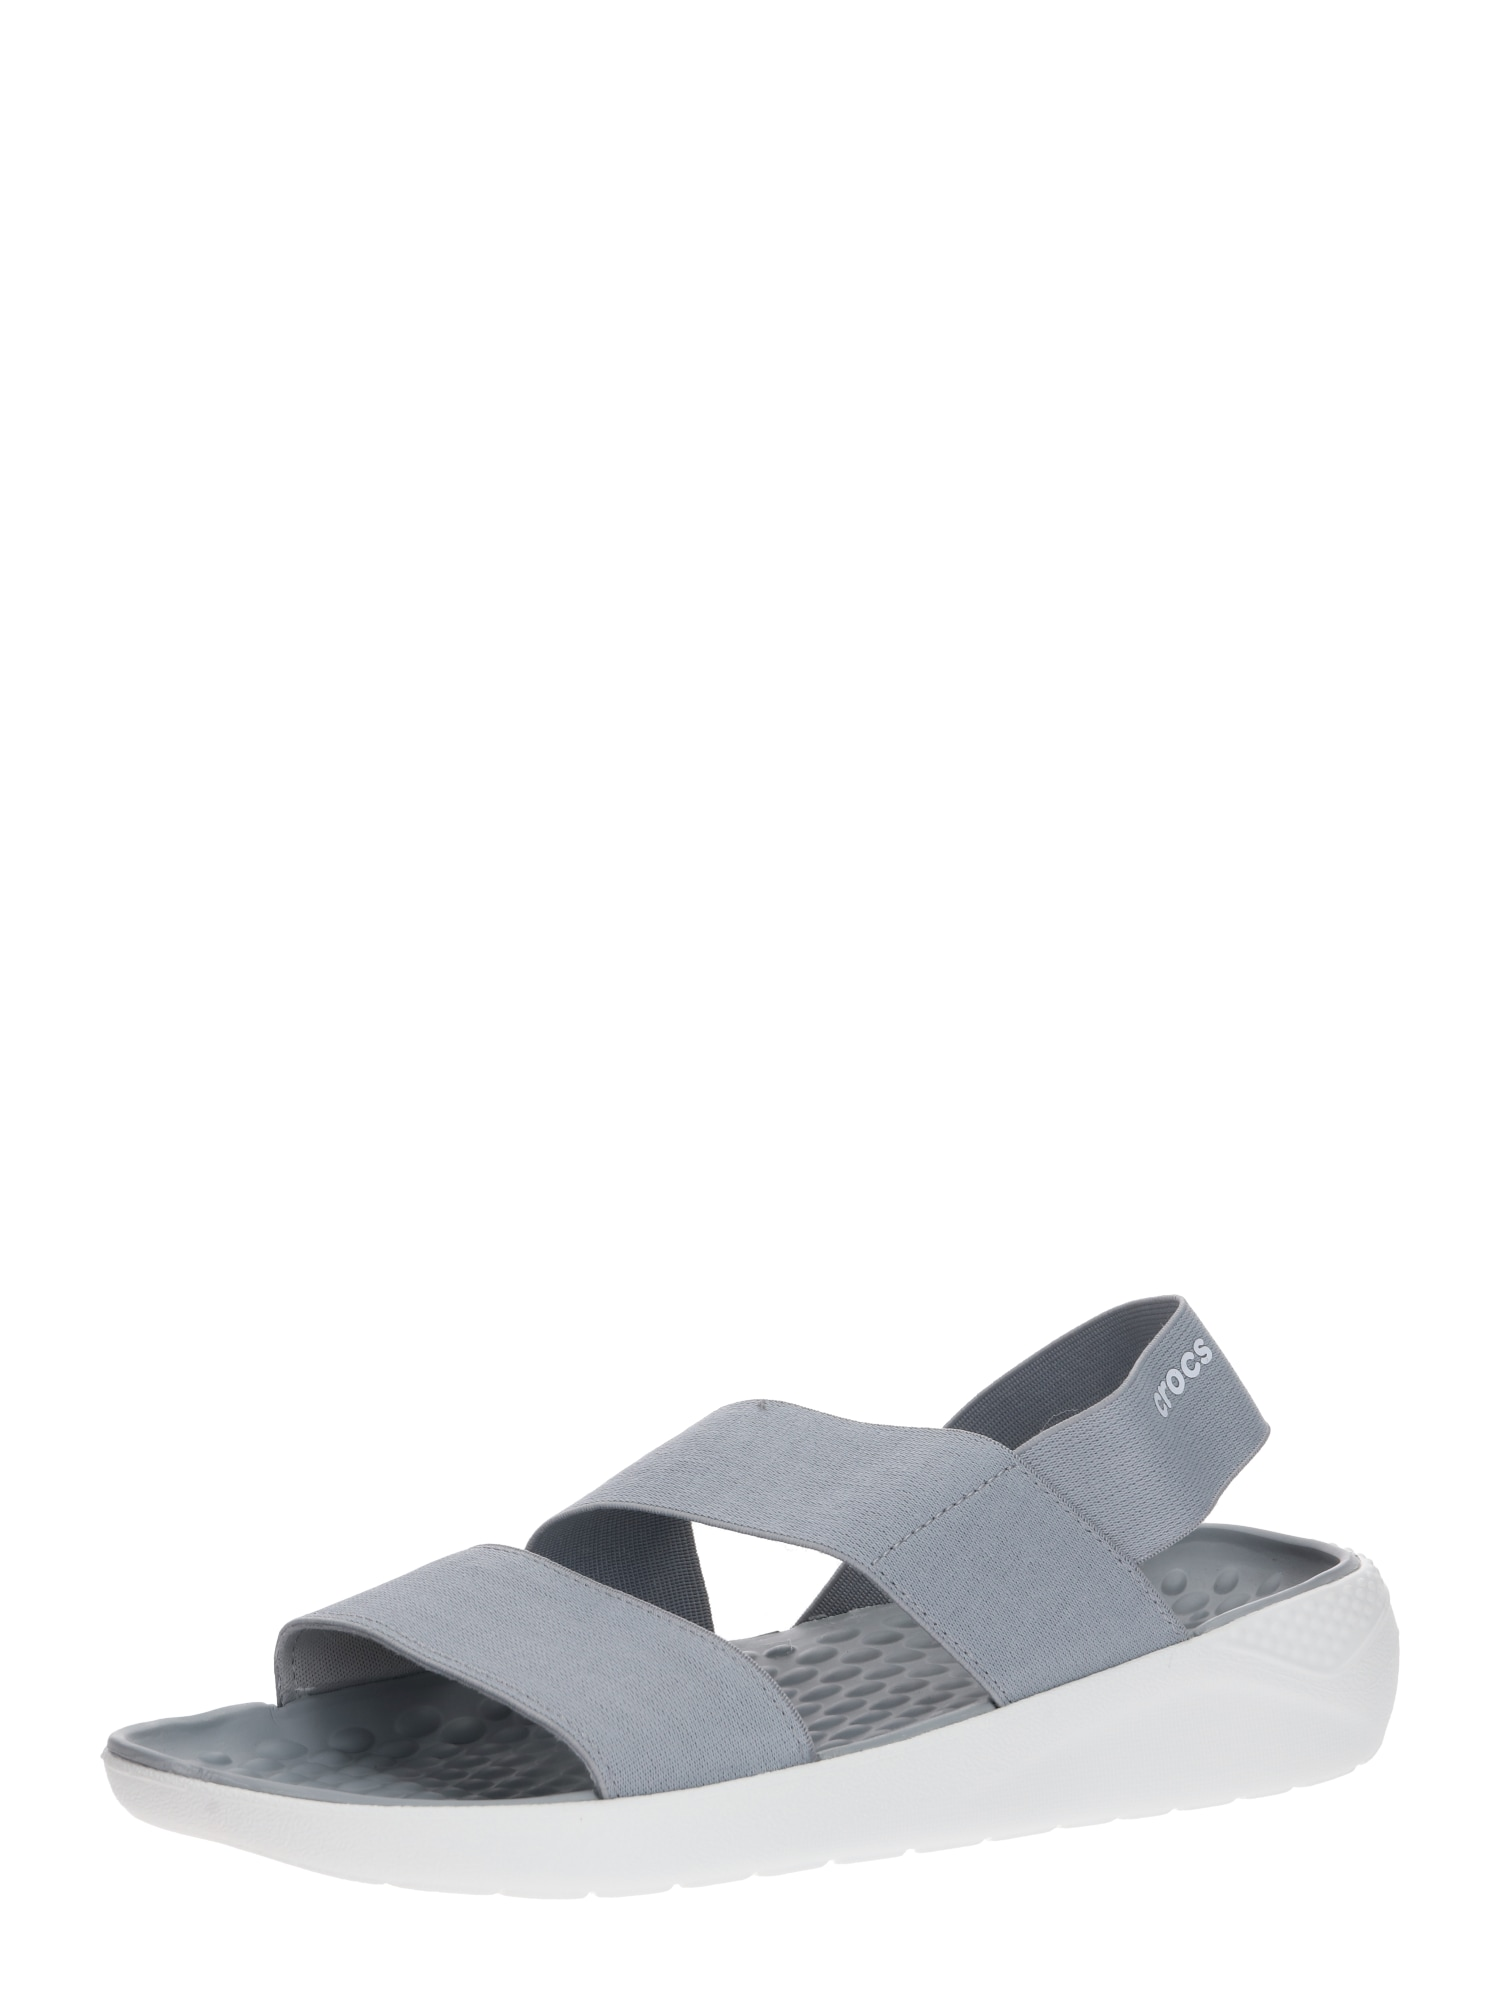 Crocs Sandalai 'LiteRide' šviesiai pilka